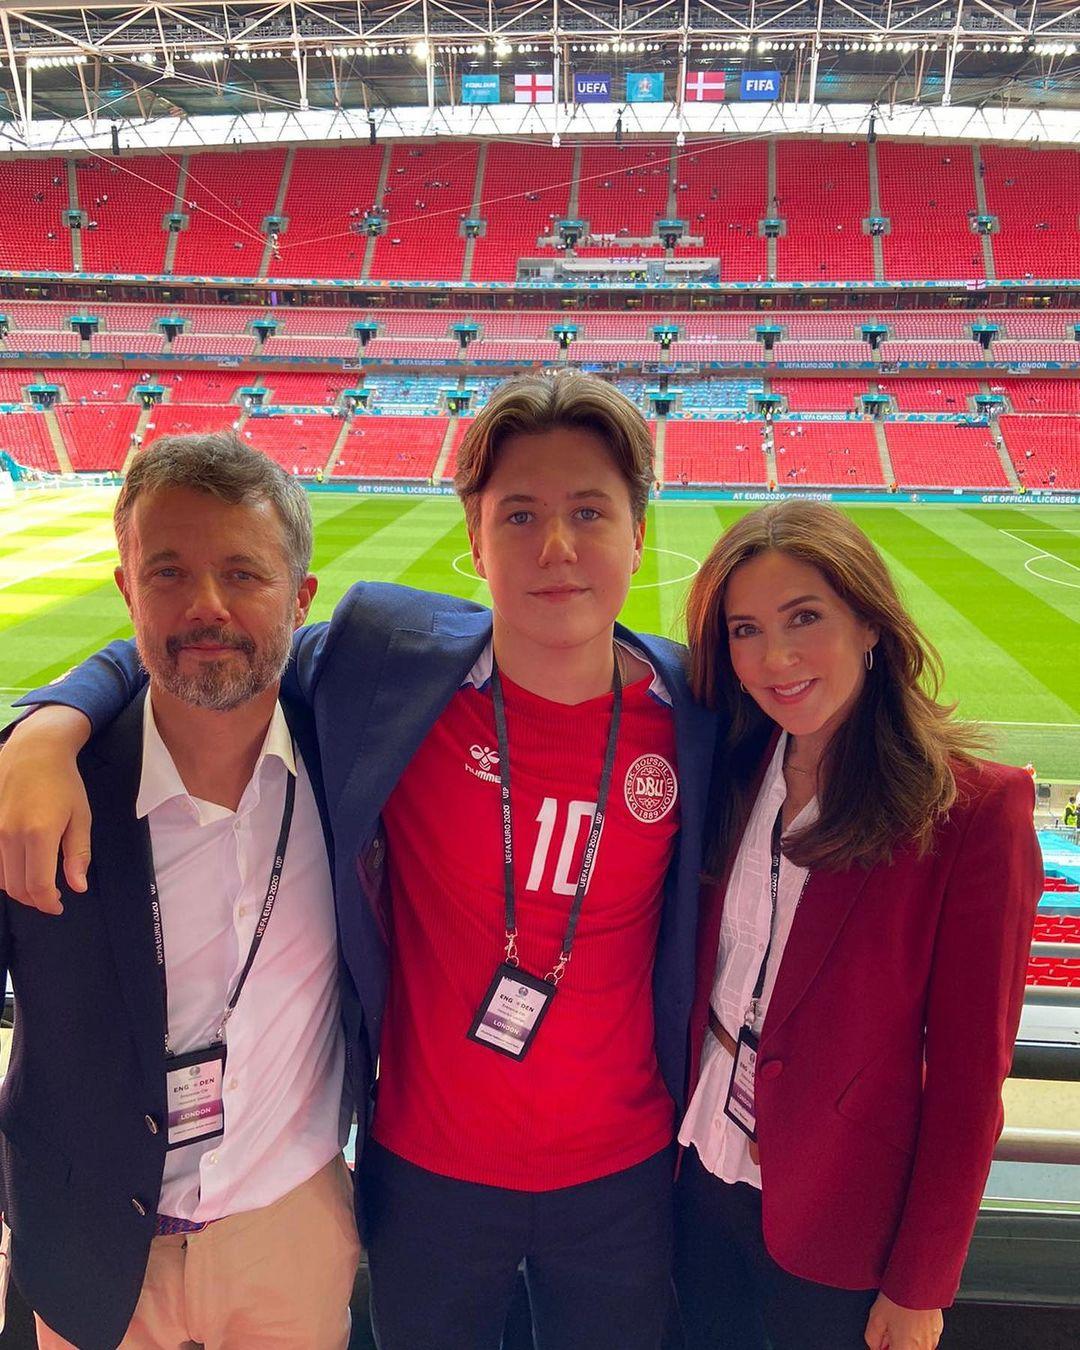 Kronprinz Frederik, Prinz Christian und Kronprinzessin Mary bei der EM 2020